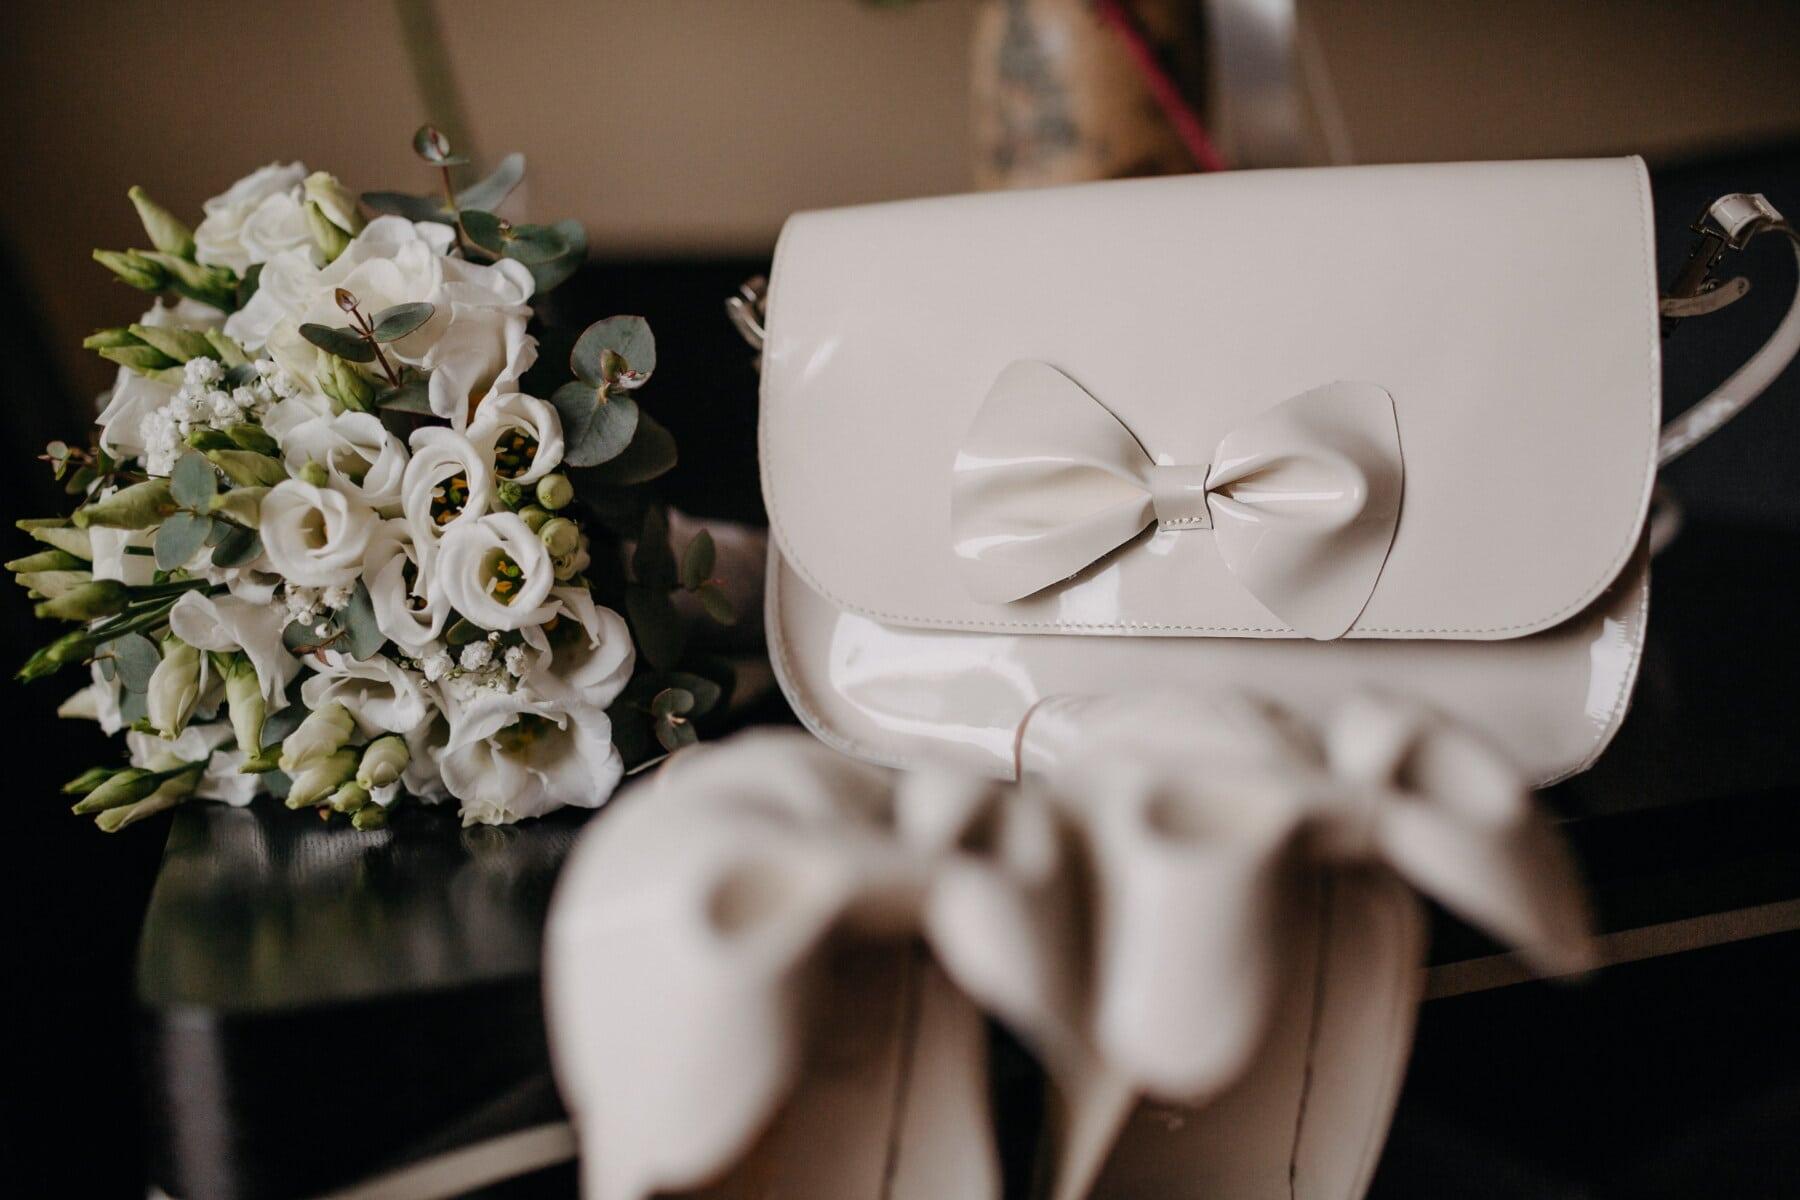 blanc, en cuir, brillante, sac à main, charme, mode, fleur, arrangement, décoration, bouquet